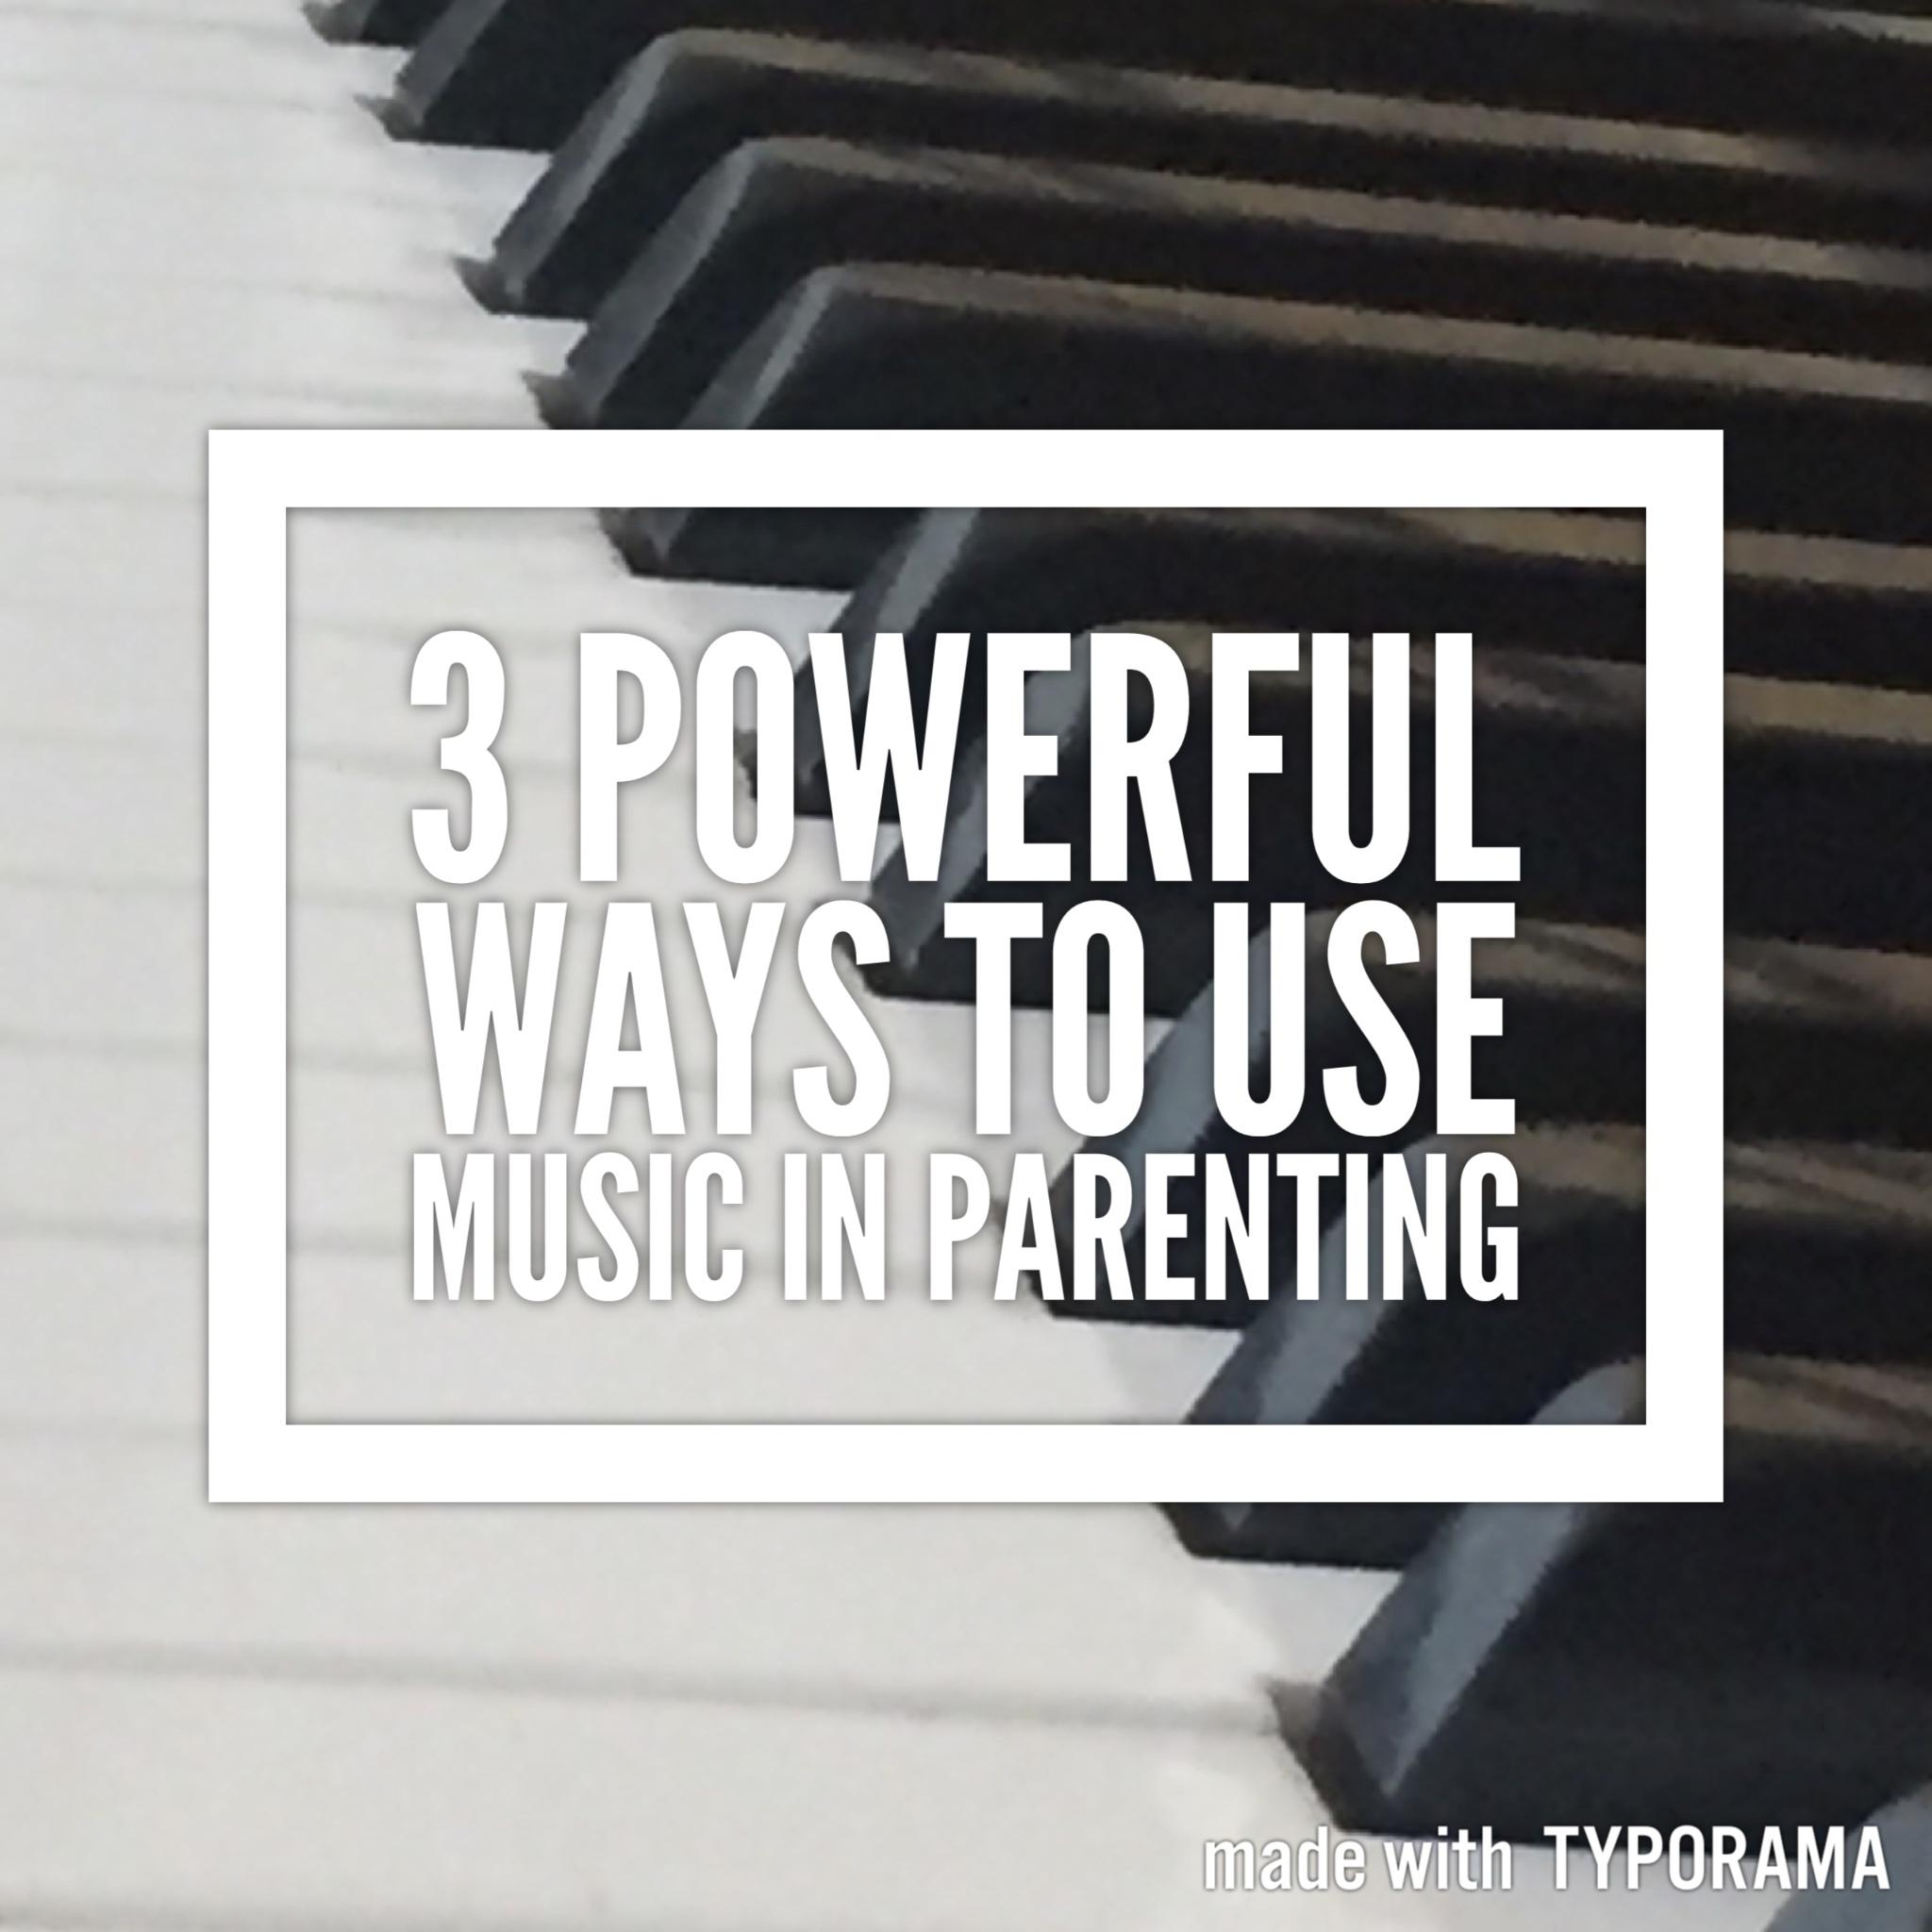 Using Music in Parenting